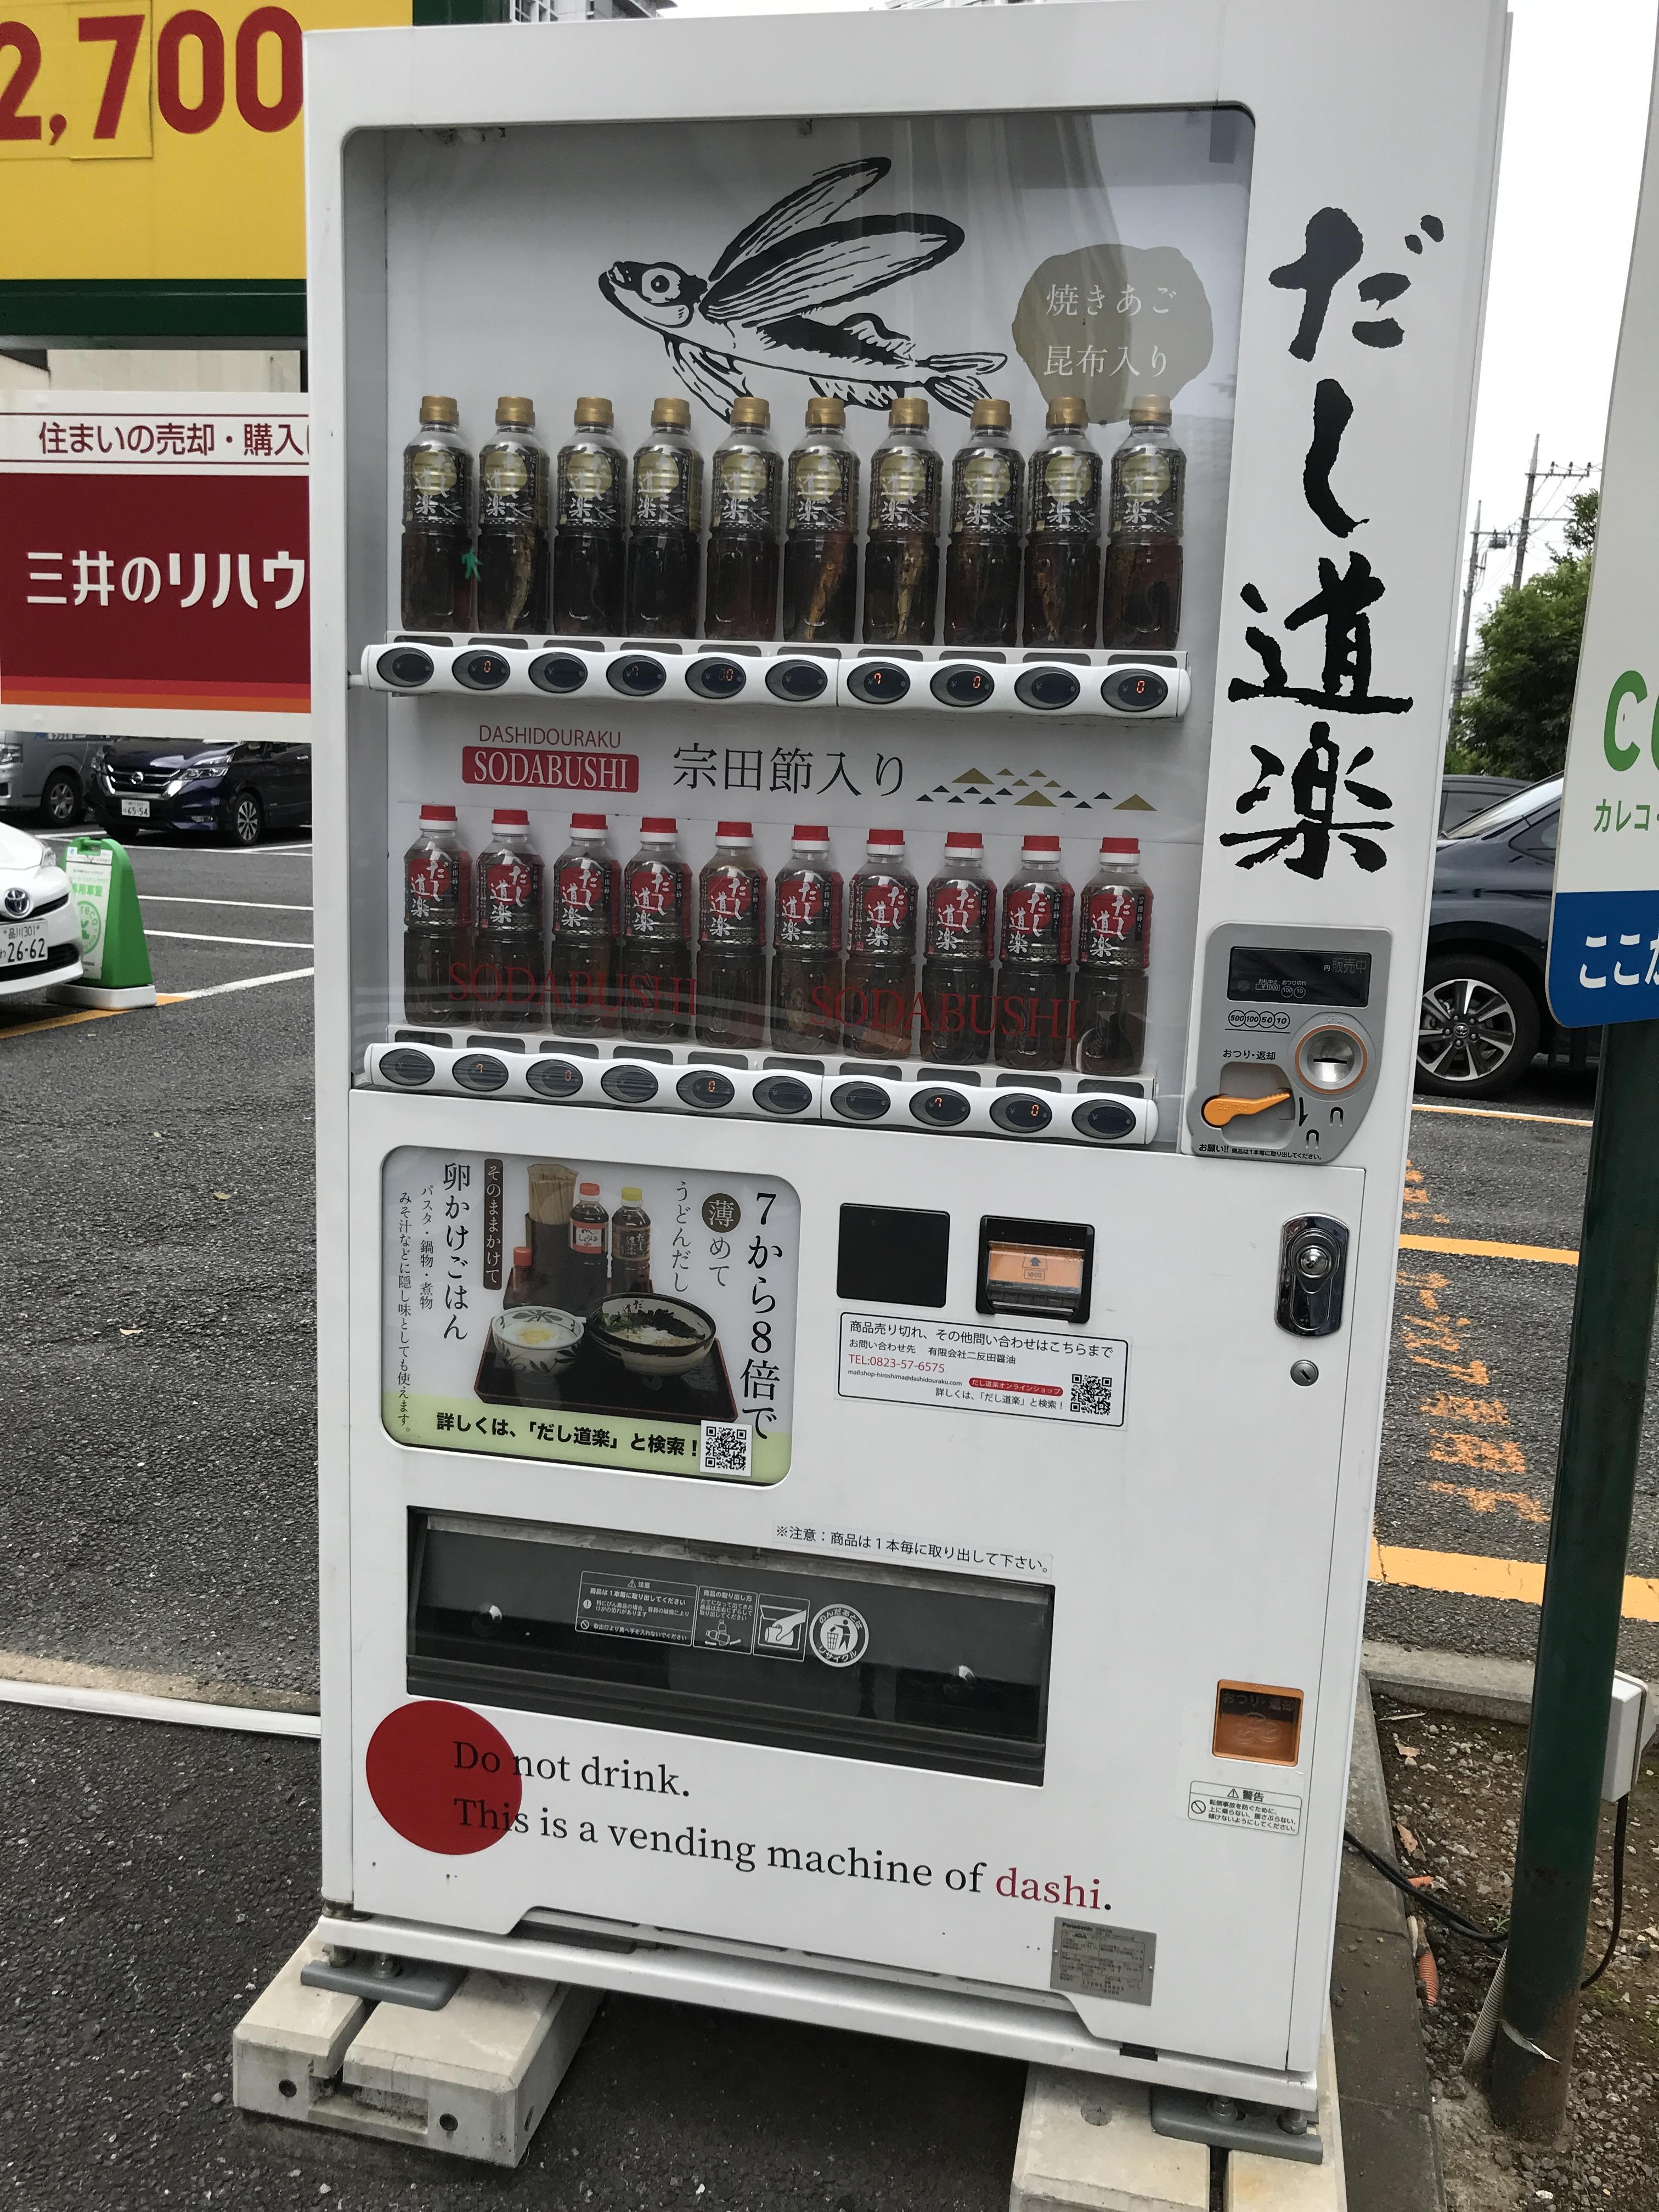 だし道楽の自動販売機